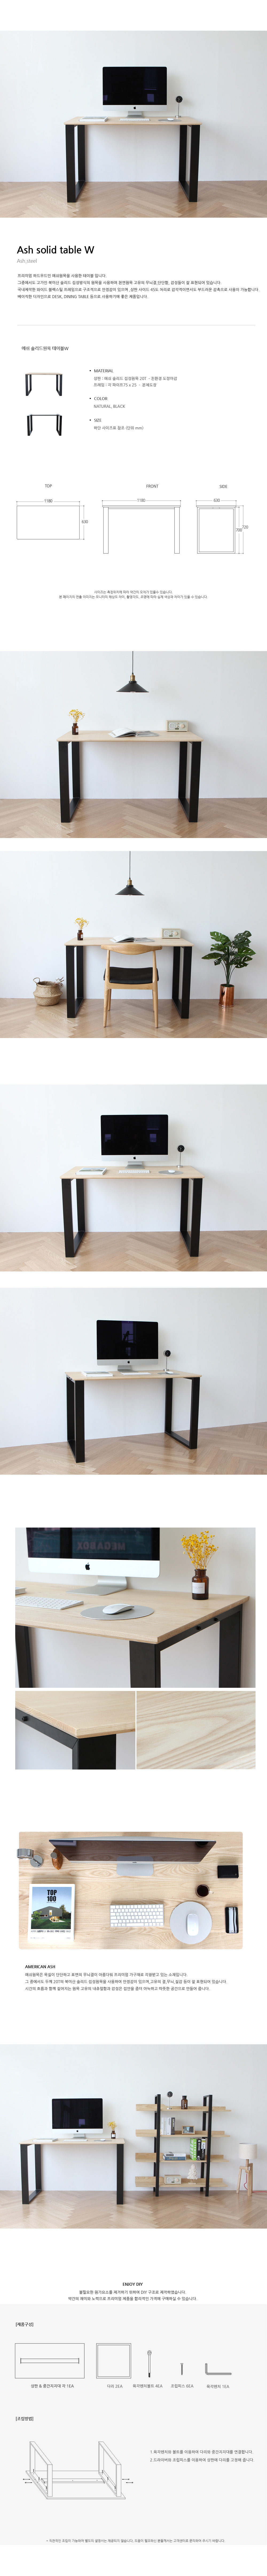 에쉬 솔리드원목 테이블W - 럼버잭, 320,000원, DIY 책상/의자, DIY 책상/테이블